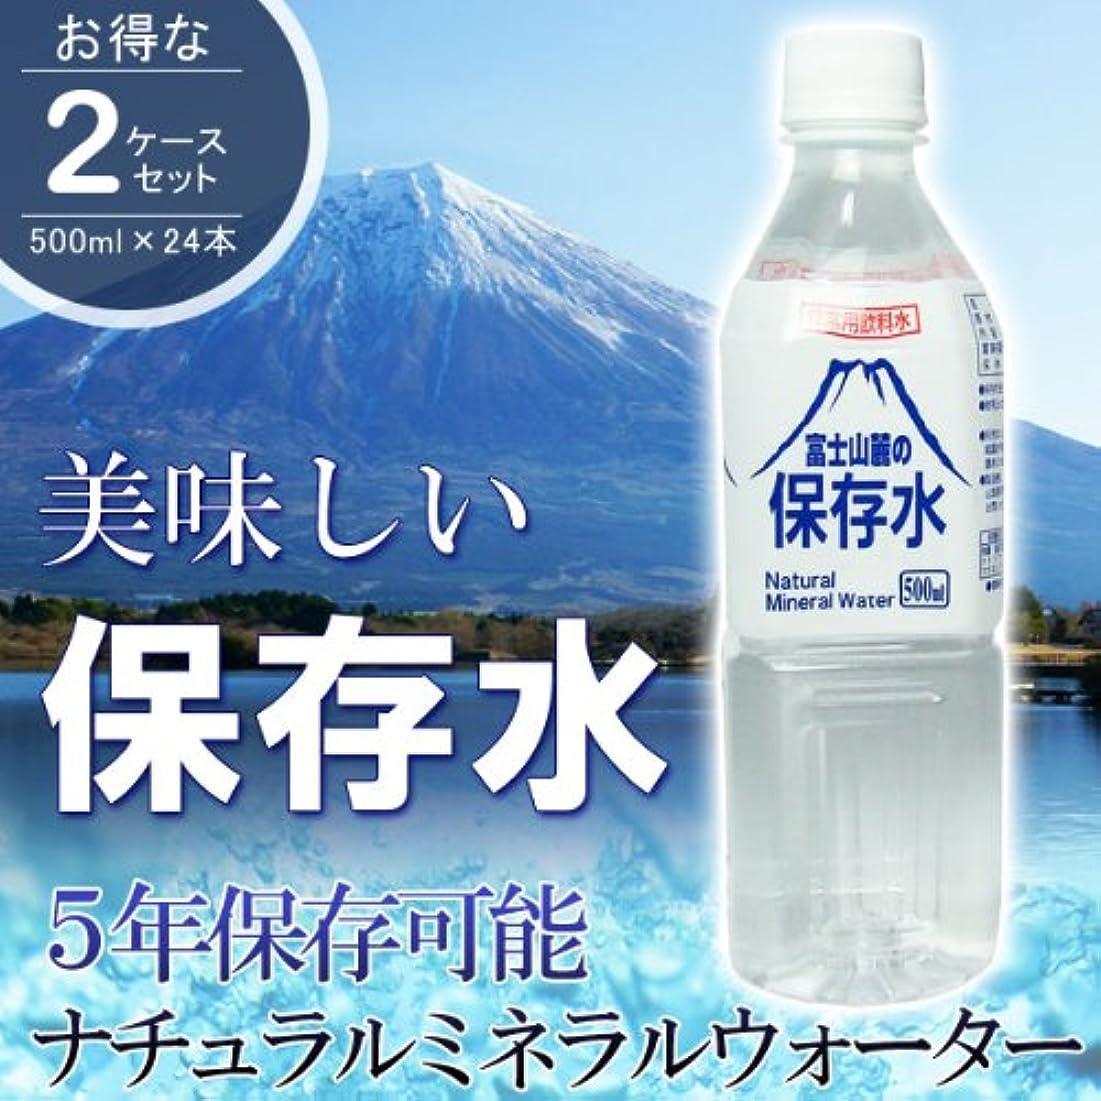 生その他町5年保存可能 おいしい非常用飲料水 富士山麓の保存水 500ml×24本入 2ケース(48本)セット